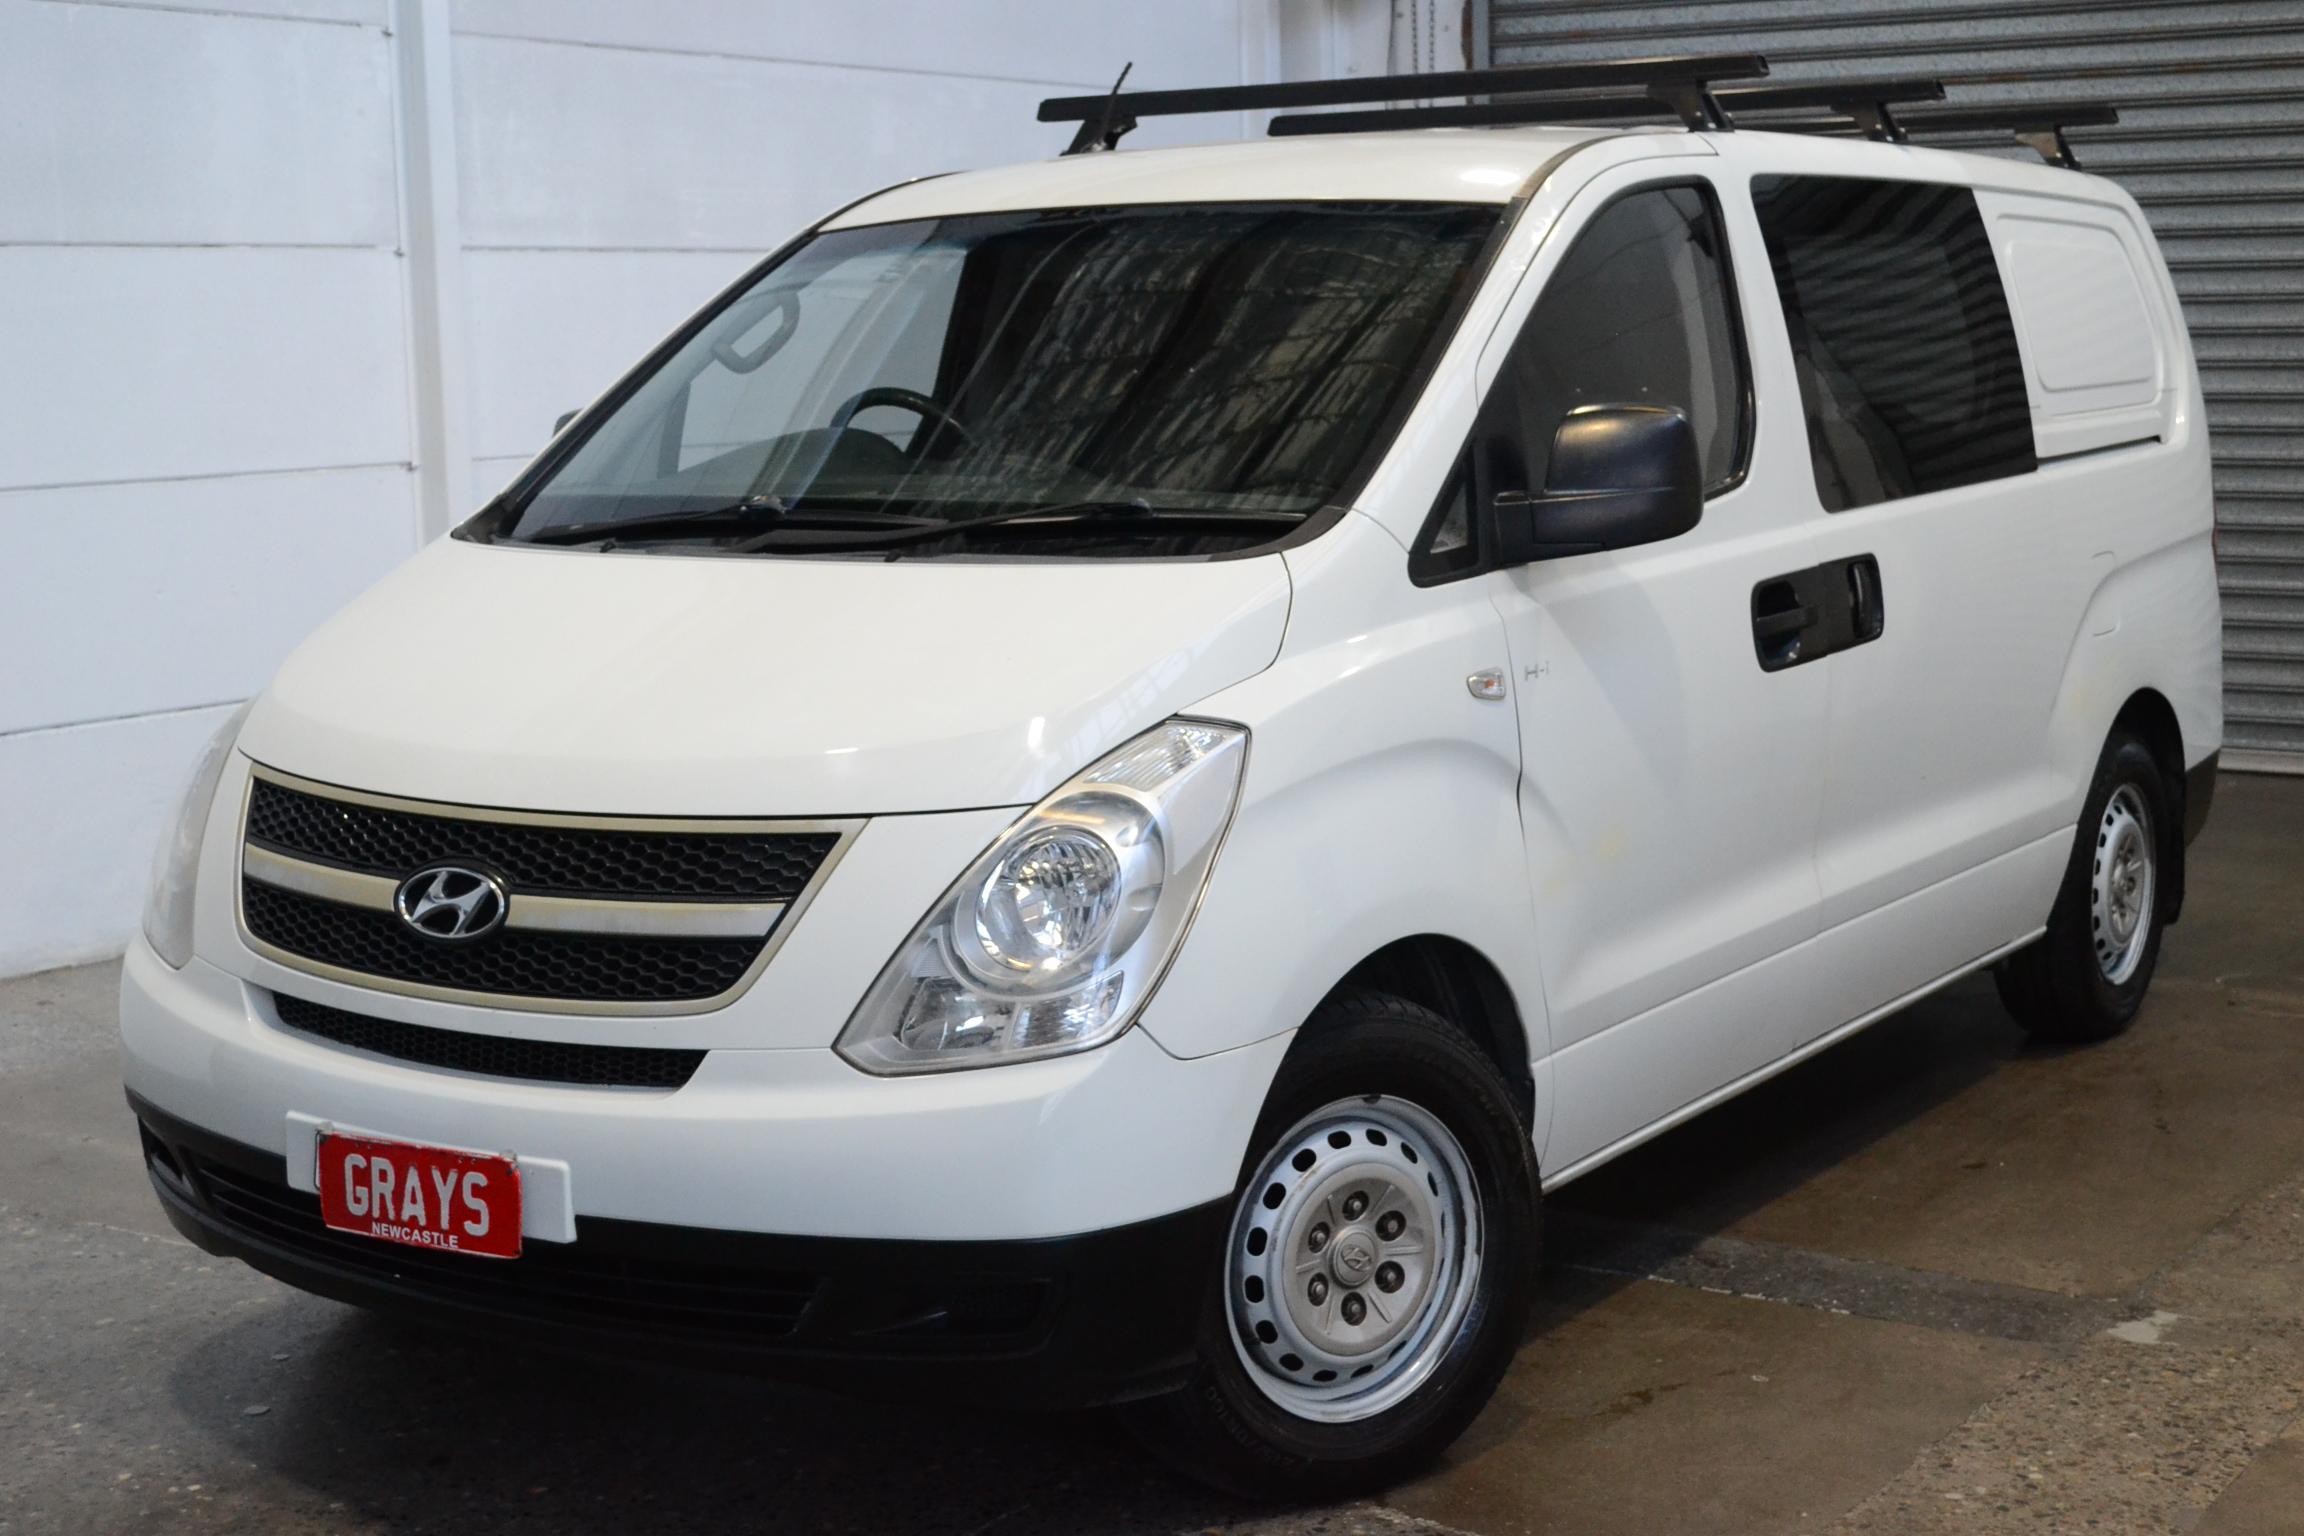 2010 Hyundai iLOAD TQ Turbo Diesel Automatic Van